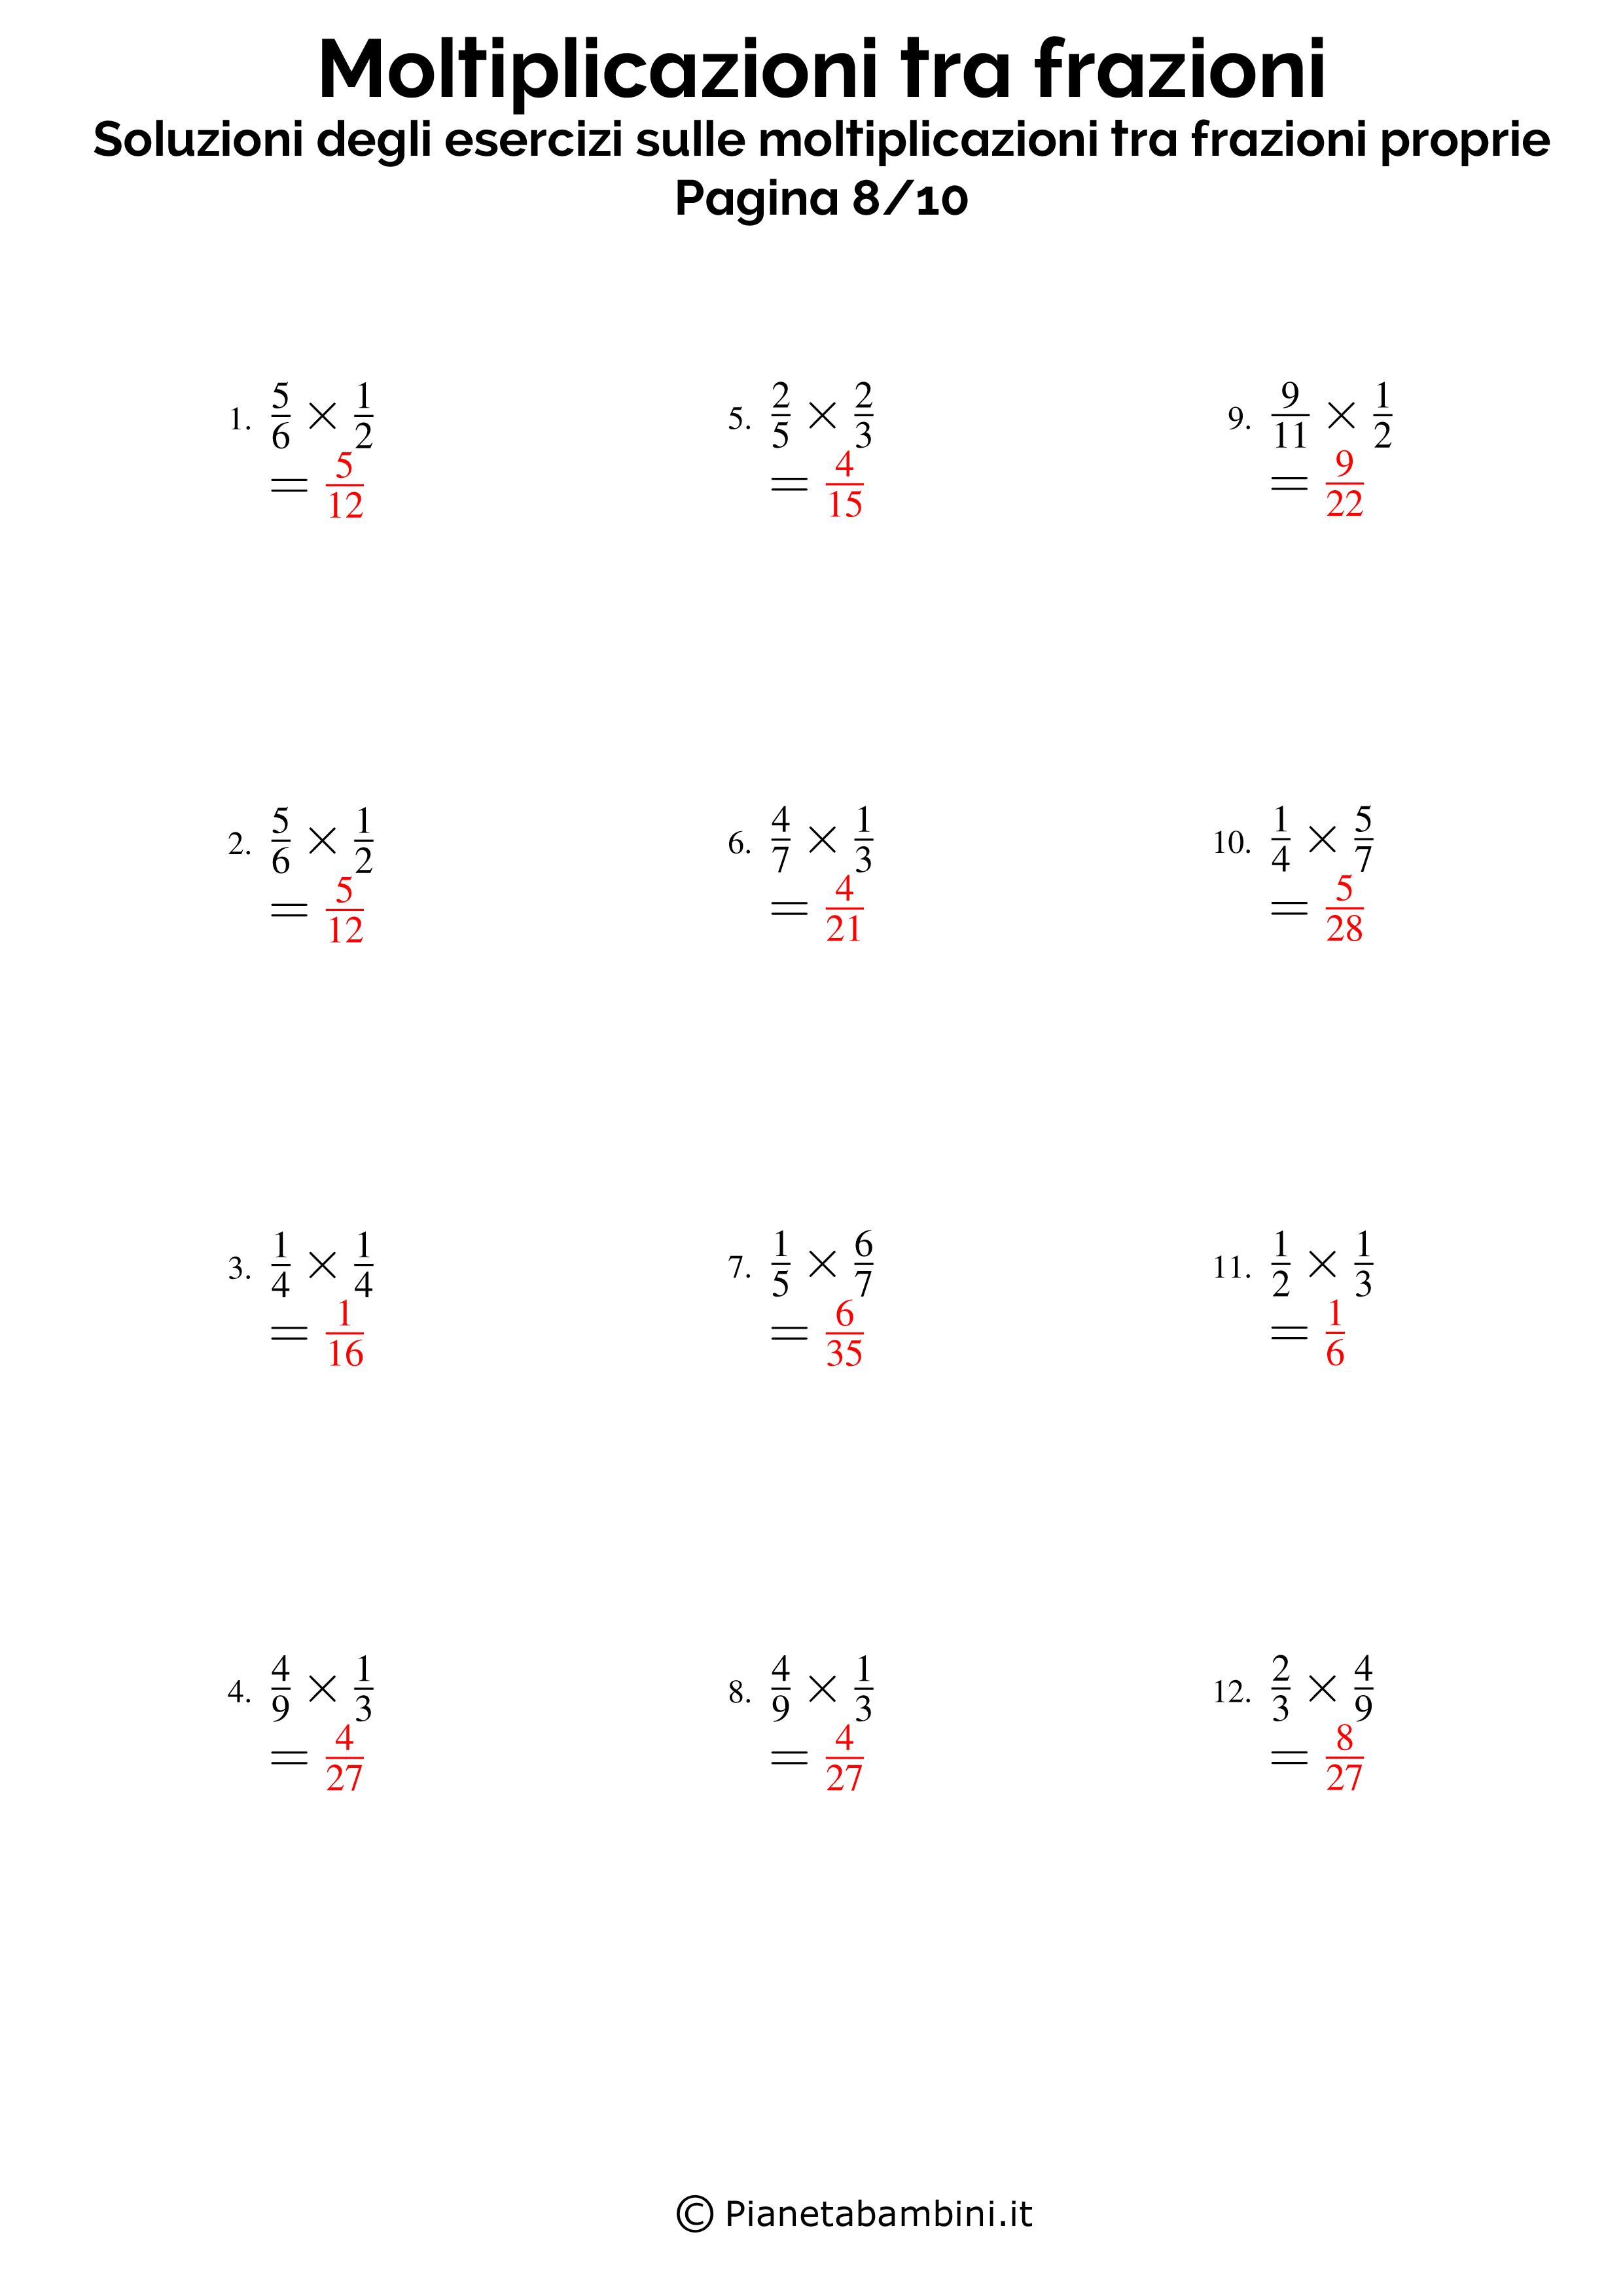 Soluzioni-Moltiplicazioni-Frazioni-Proprie_08